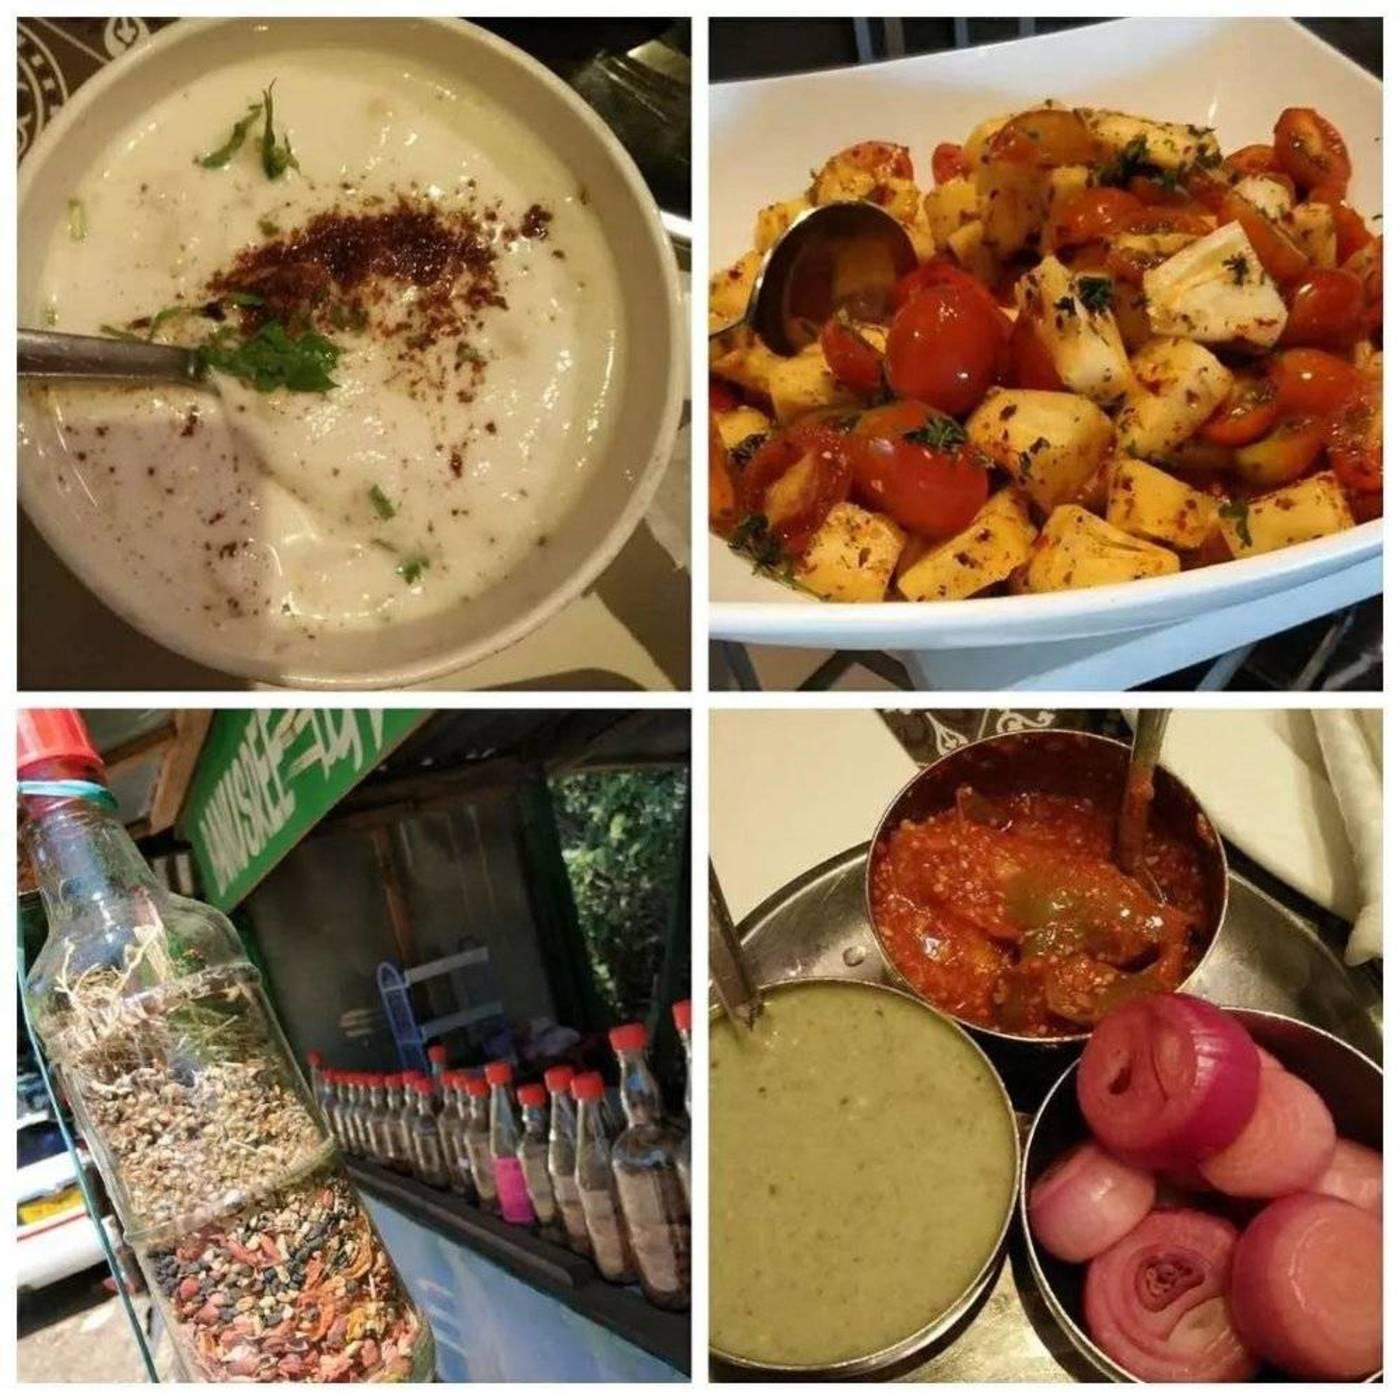 印度食物(酸奶,凉拌水果,香料,日常腌料配餐)